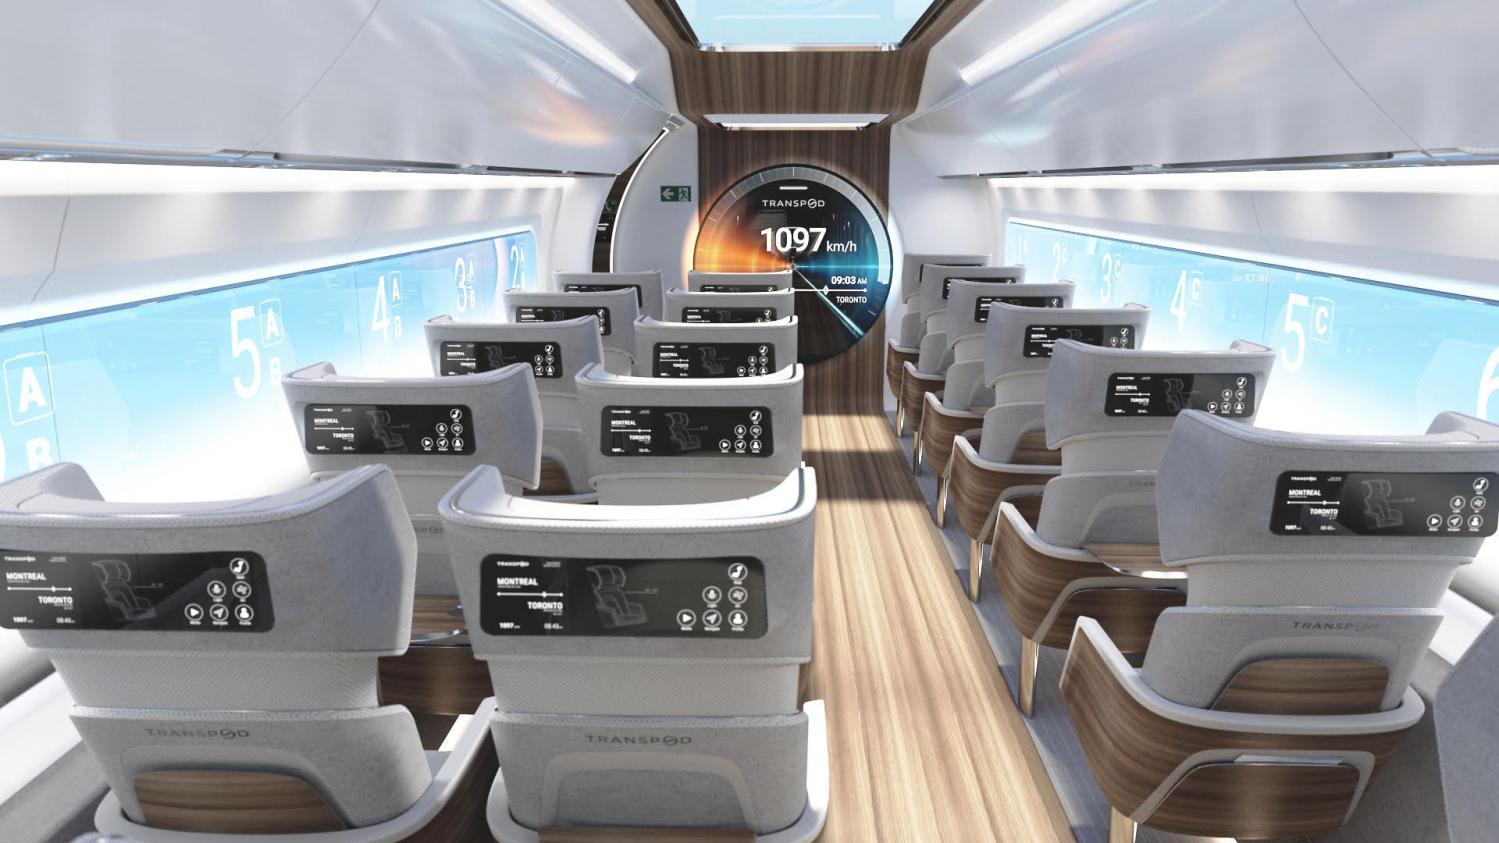 Le billet sciences du week-end. L'Hyperloop : un train à 1000 km/h